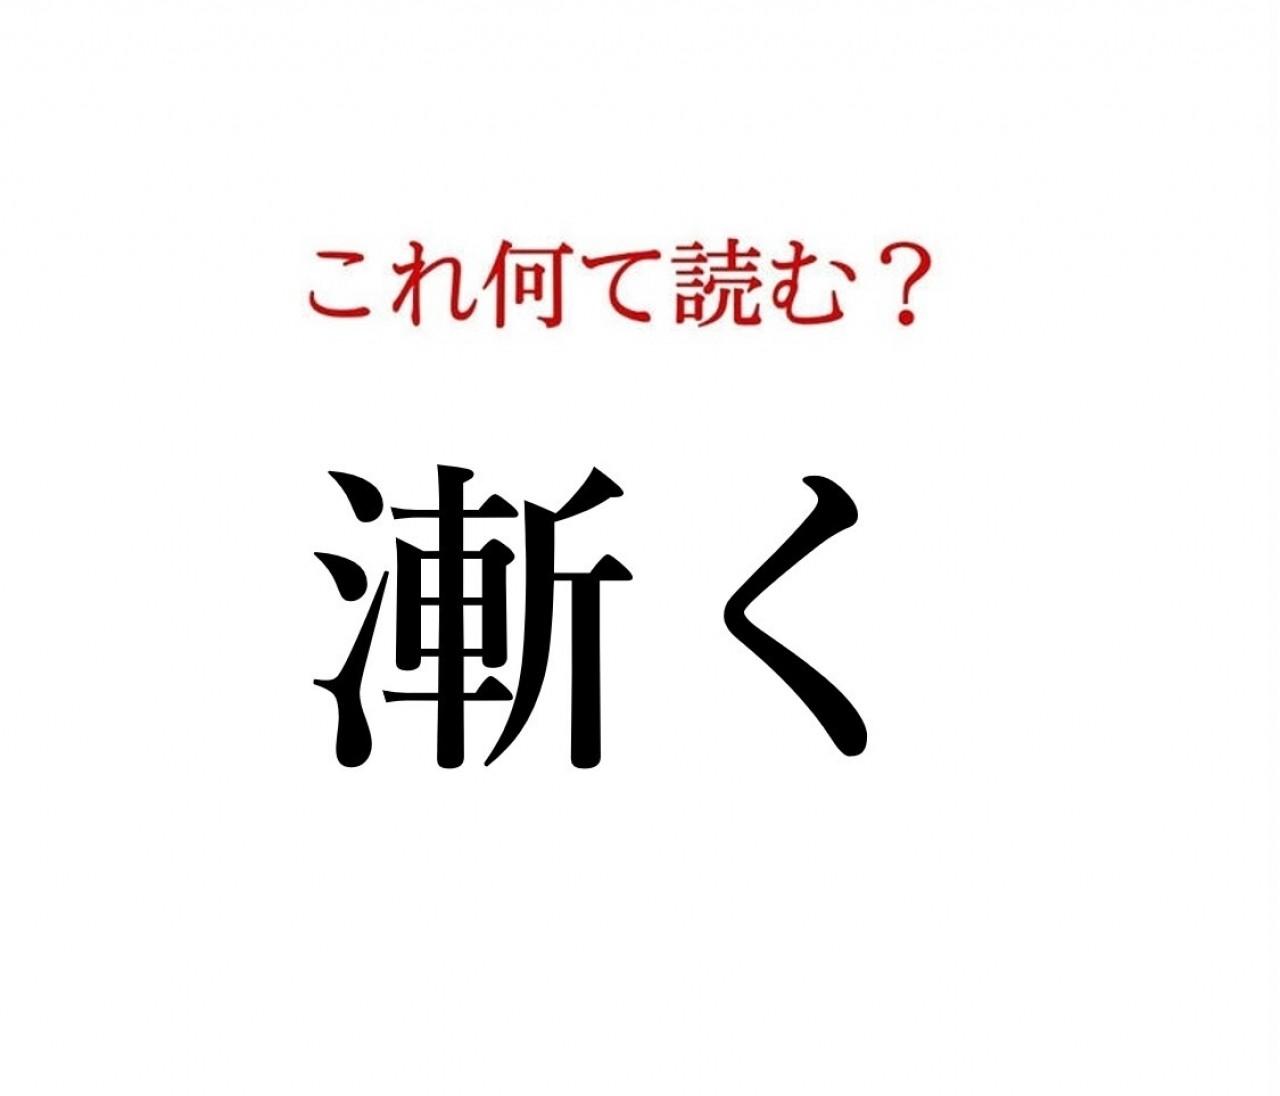 「漸く」:この漢字、自信を持って読めますか?【働く大人の漢字クイズvol.315】